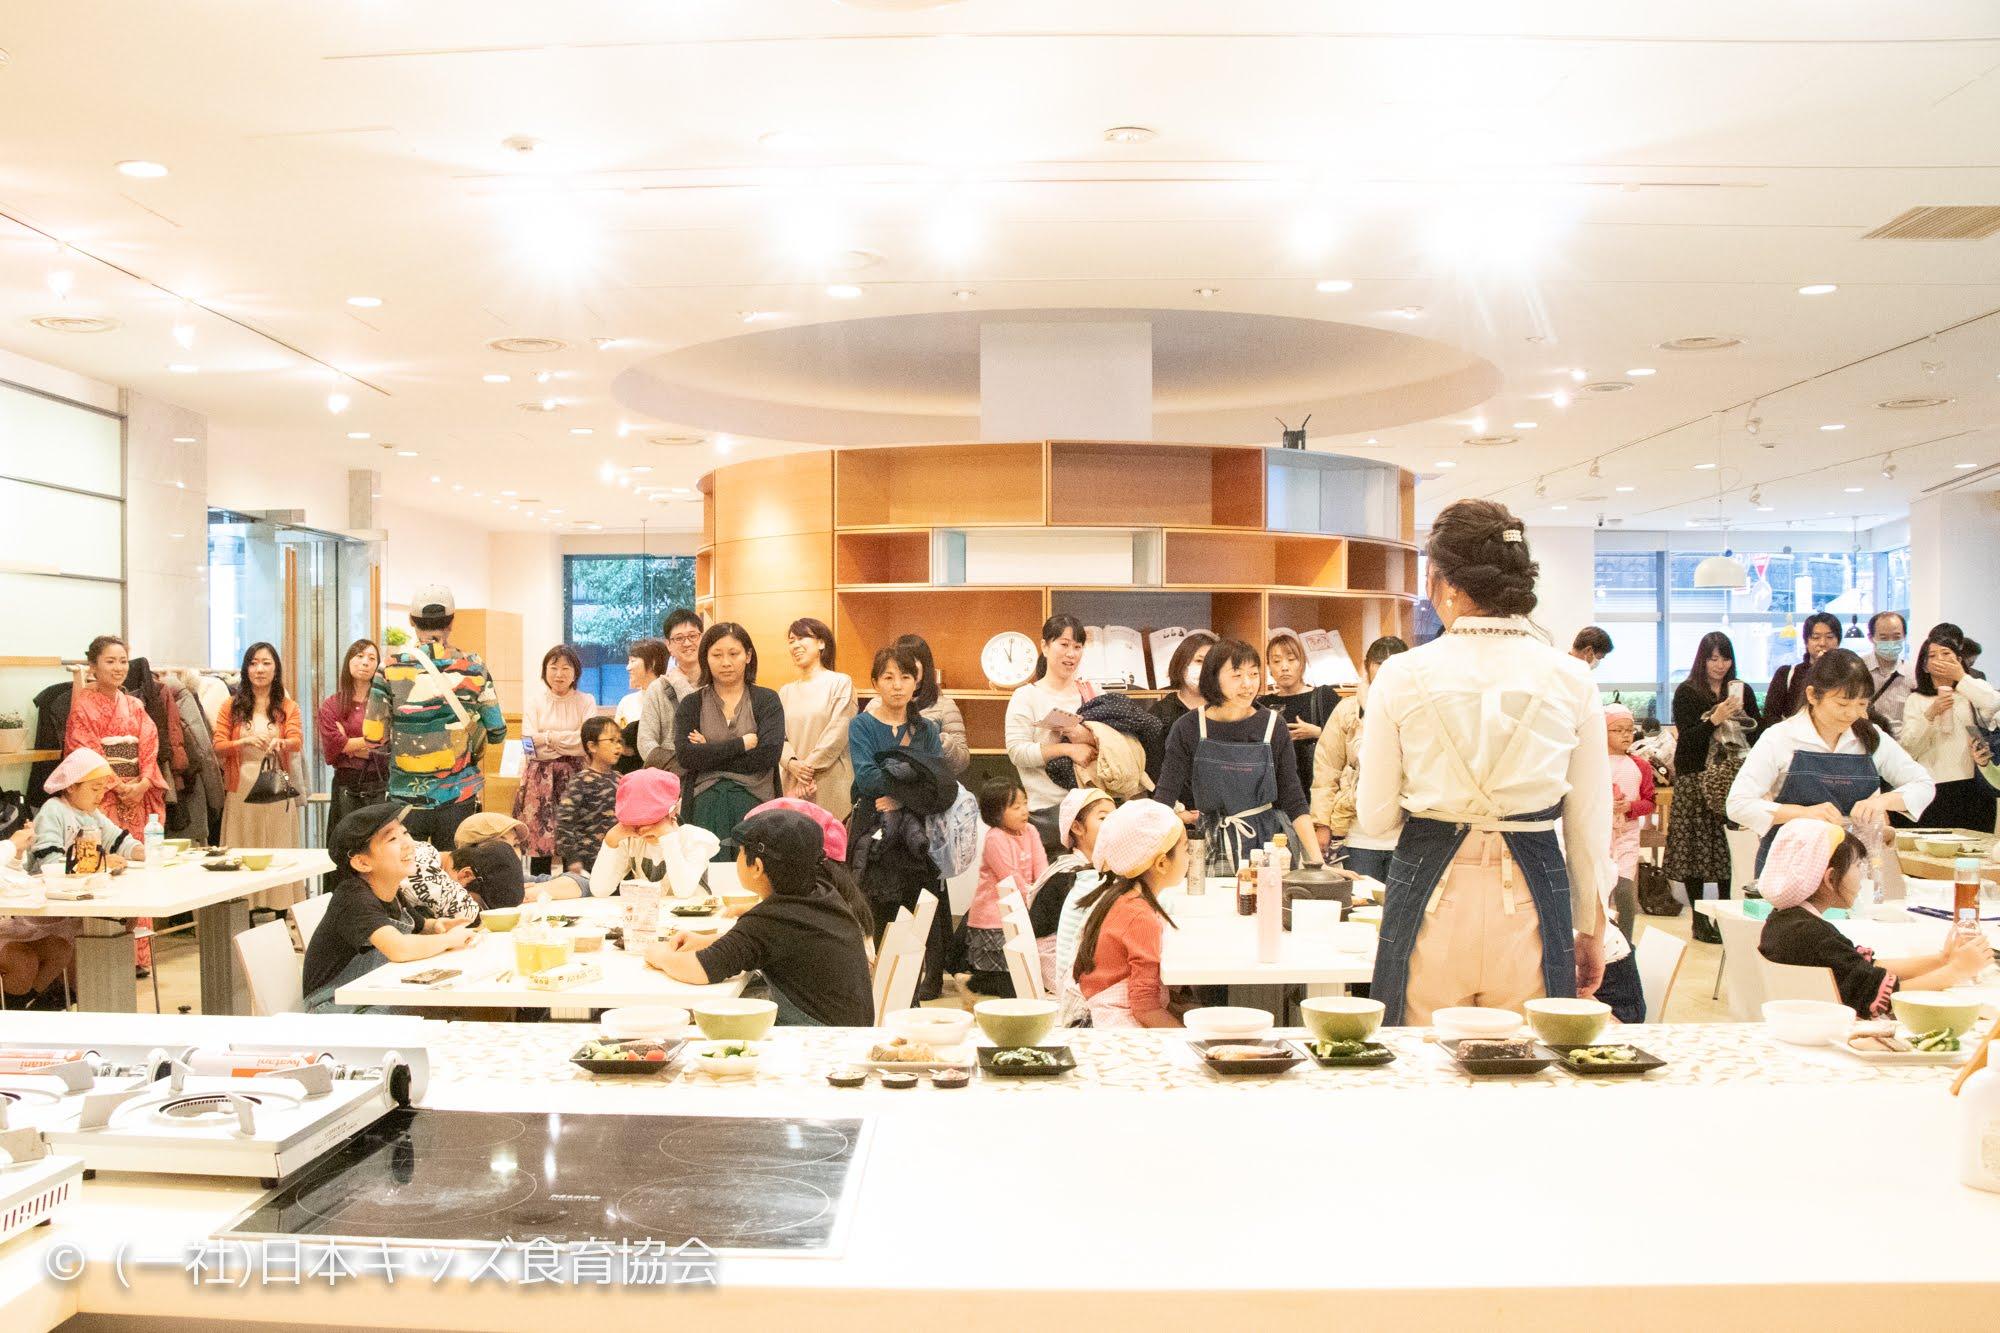 【子ども料理メニュー監修】一社)日本キッズ食育協会「キッズ食育コンテスト」全国決勝大会!